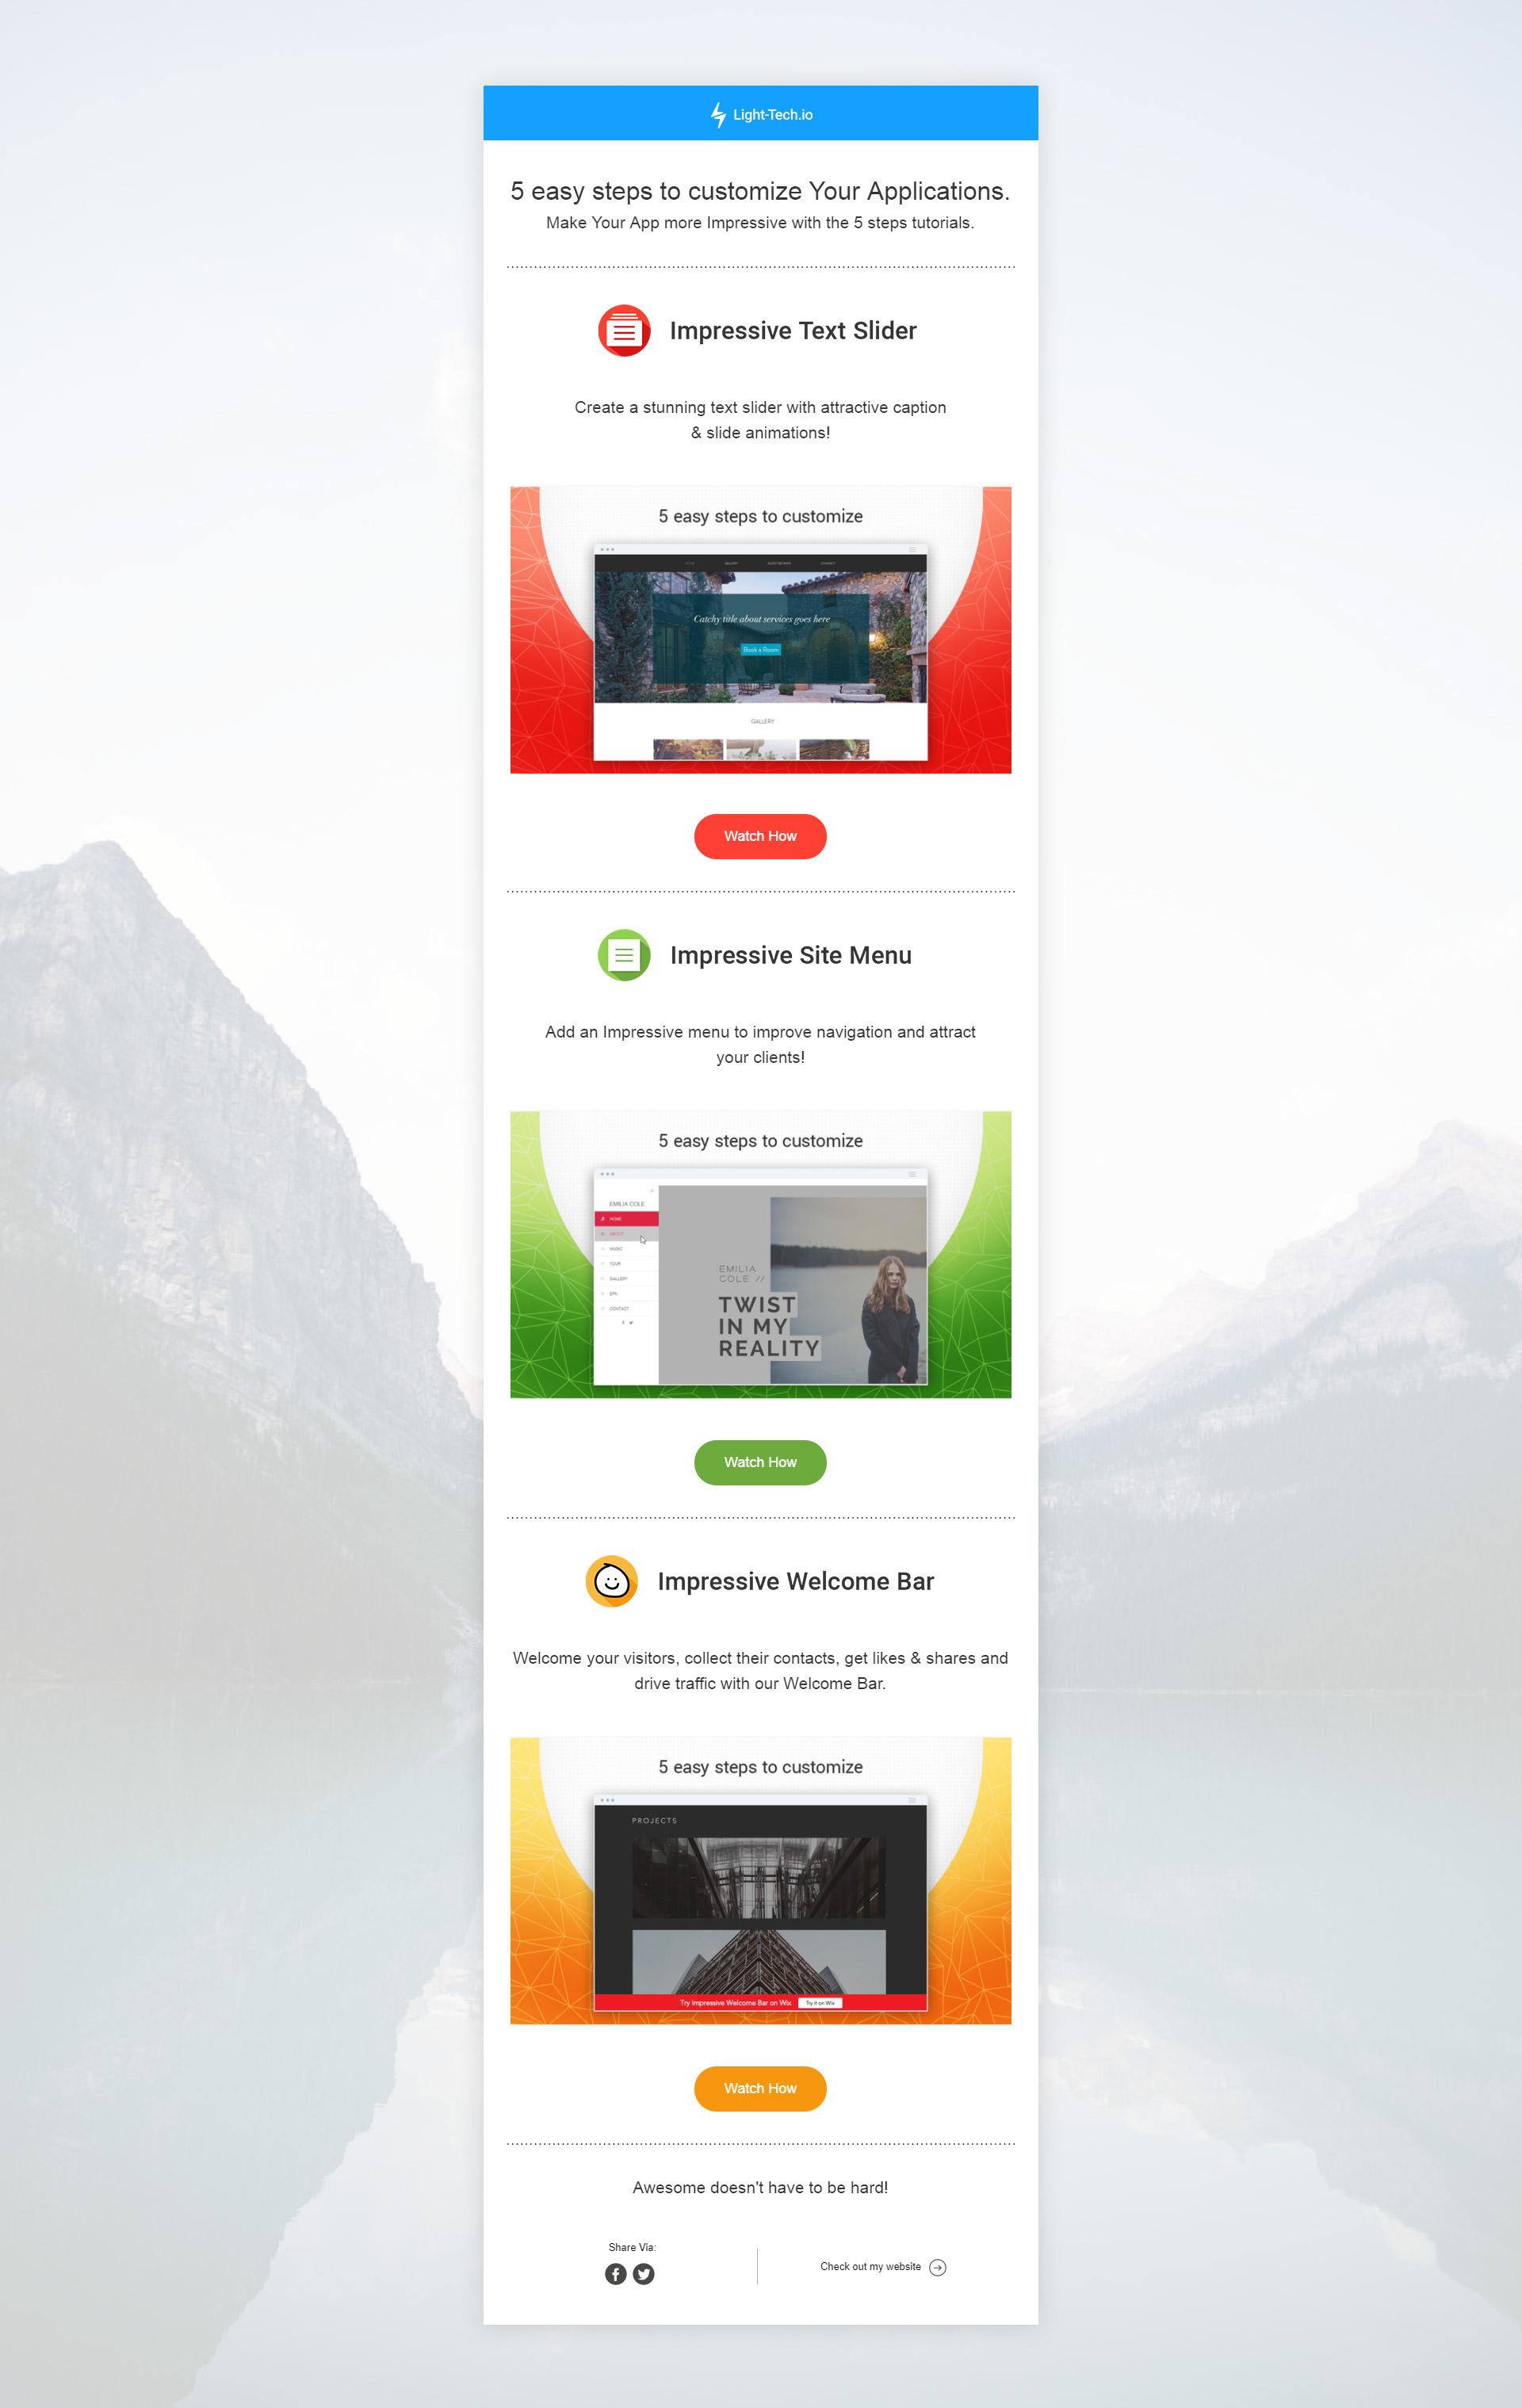 Дизайн Email рассылки